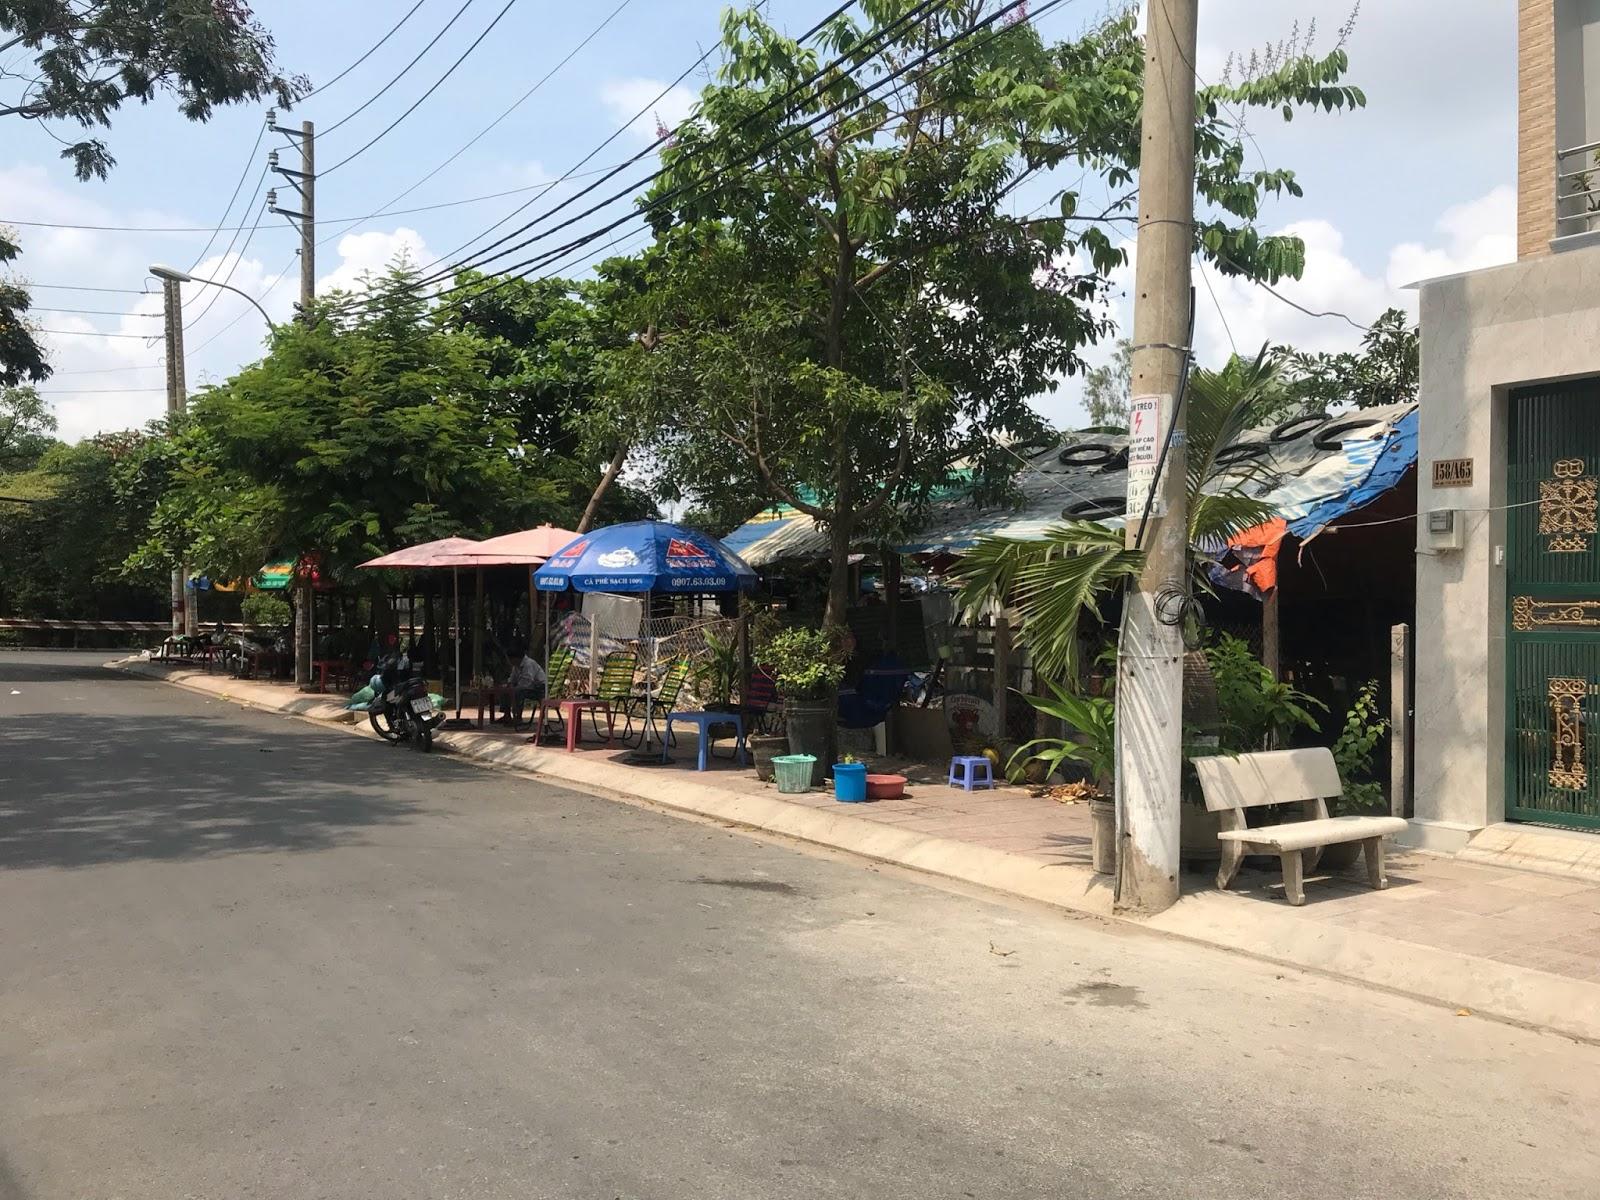 Bán nhà phố và đất nền mặt tiền đường Phan Anh Quận Tân Phú 02